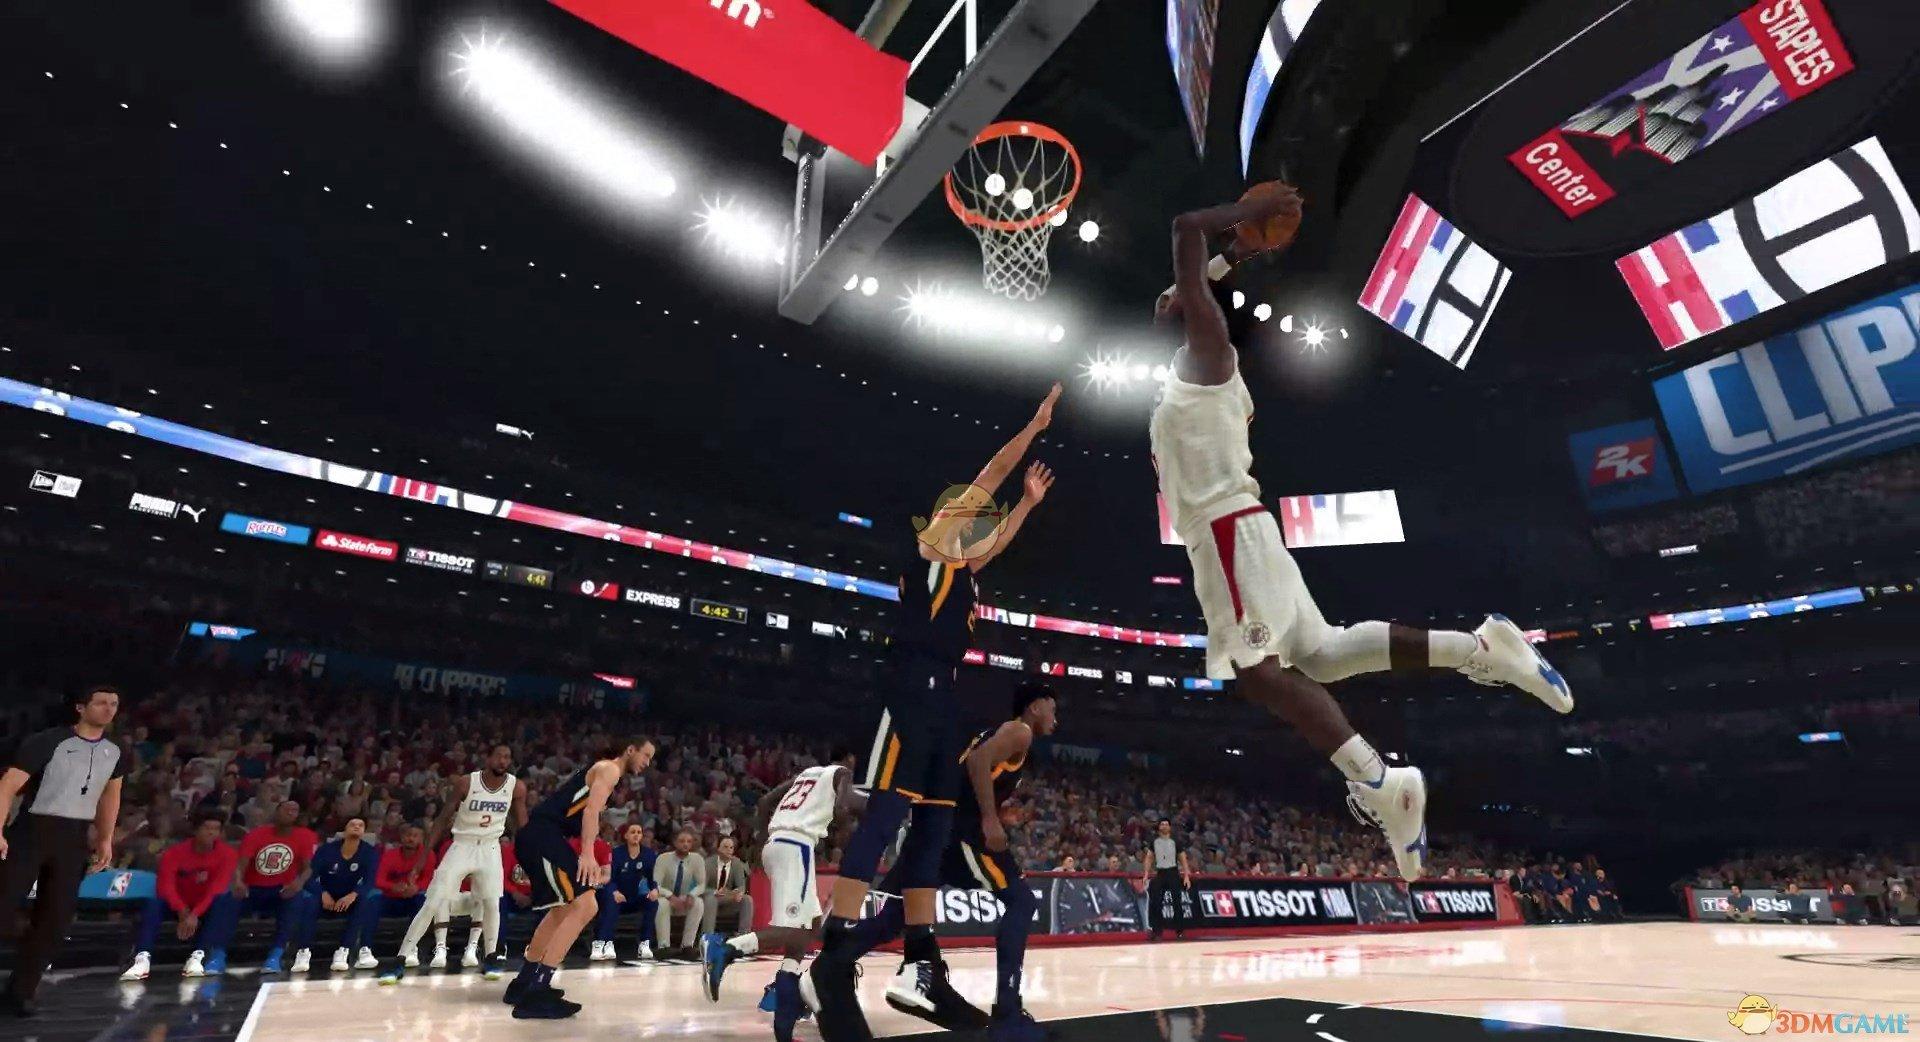 《NBA 2K20》冲框大师徽章使用技巧分享